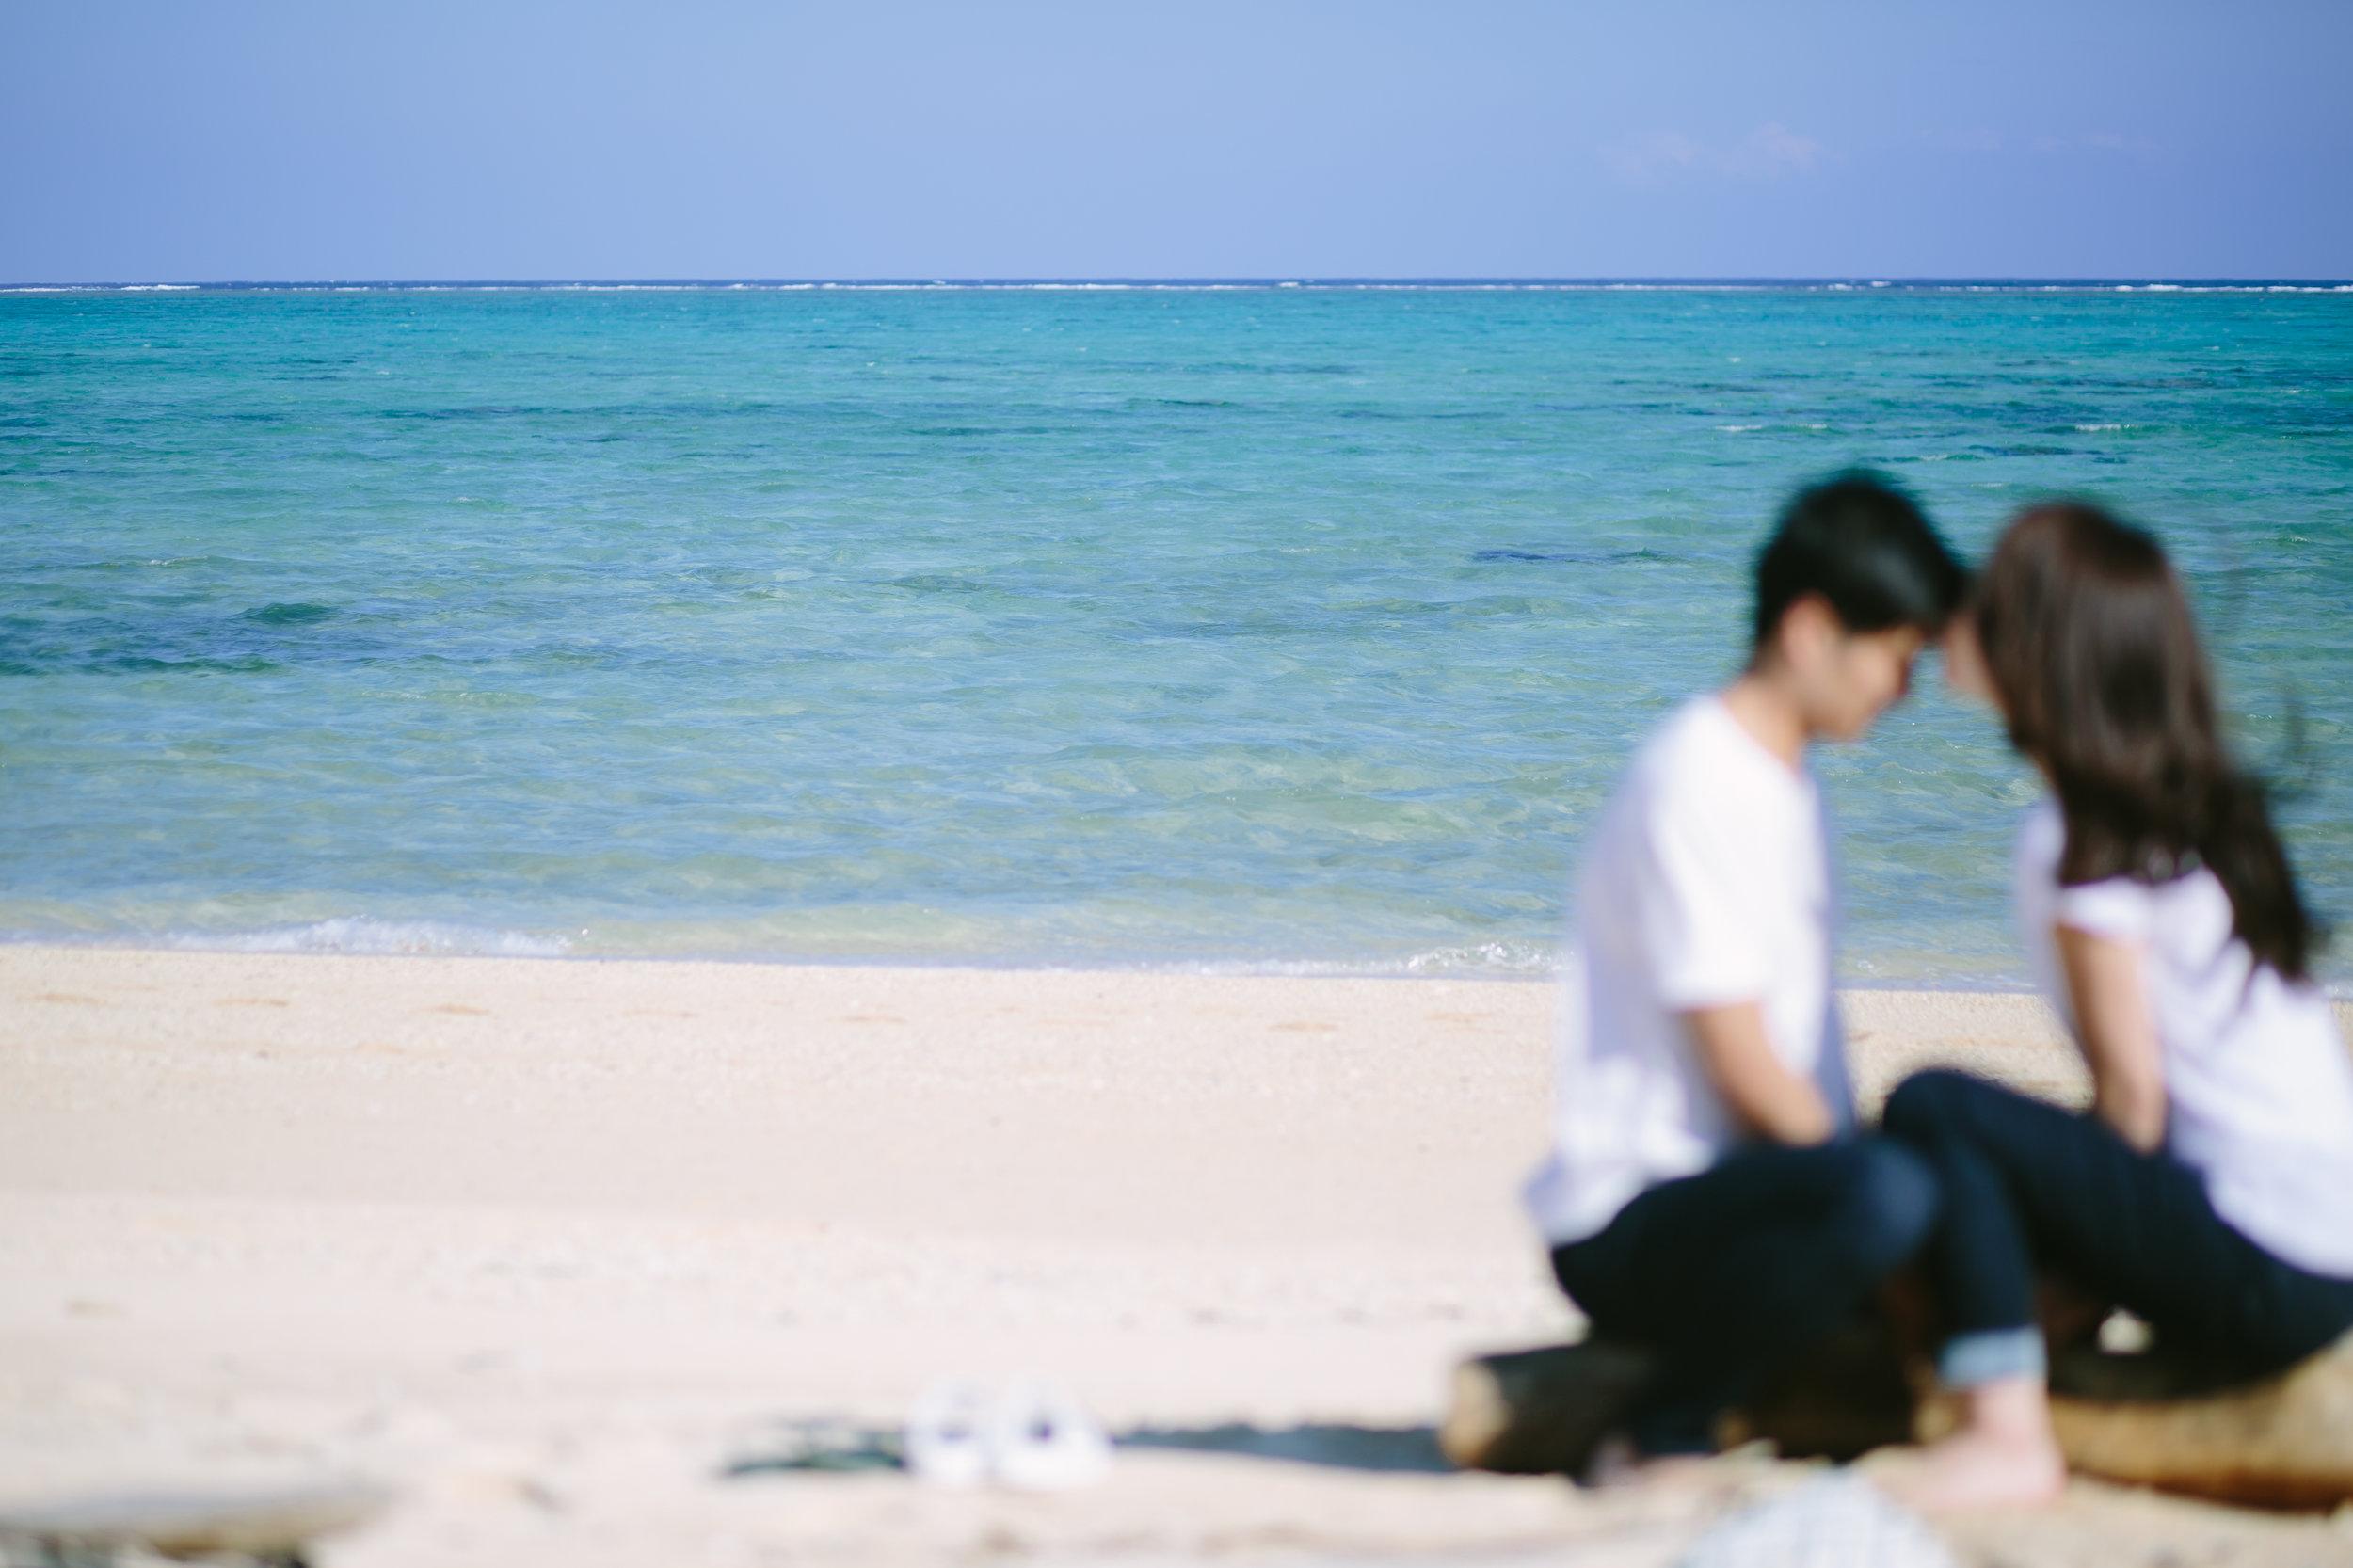 石垣島エンゲージメントフォト | 出張カメラマン | Koji Nishida Photography